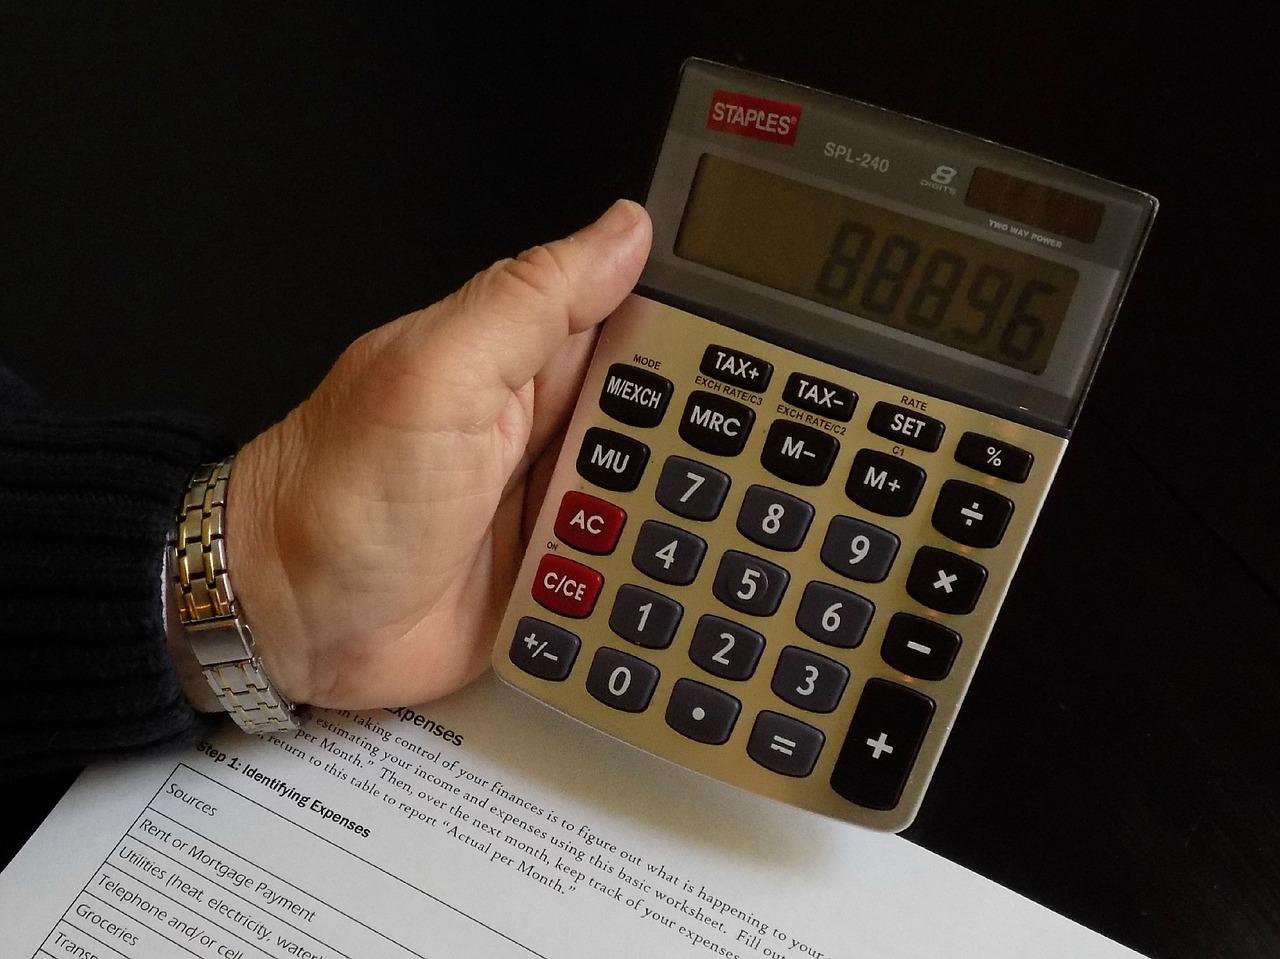 海外進出に必要な予算は? | 海外ビジネスの予算の立て方と注意点